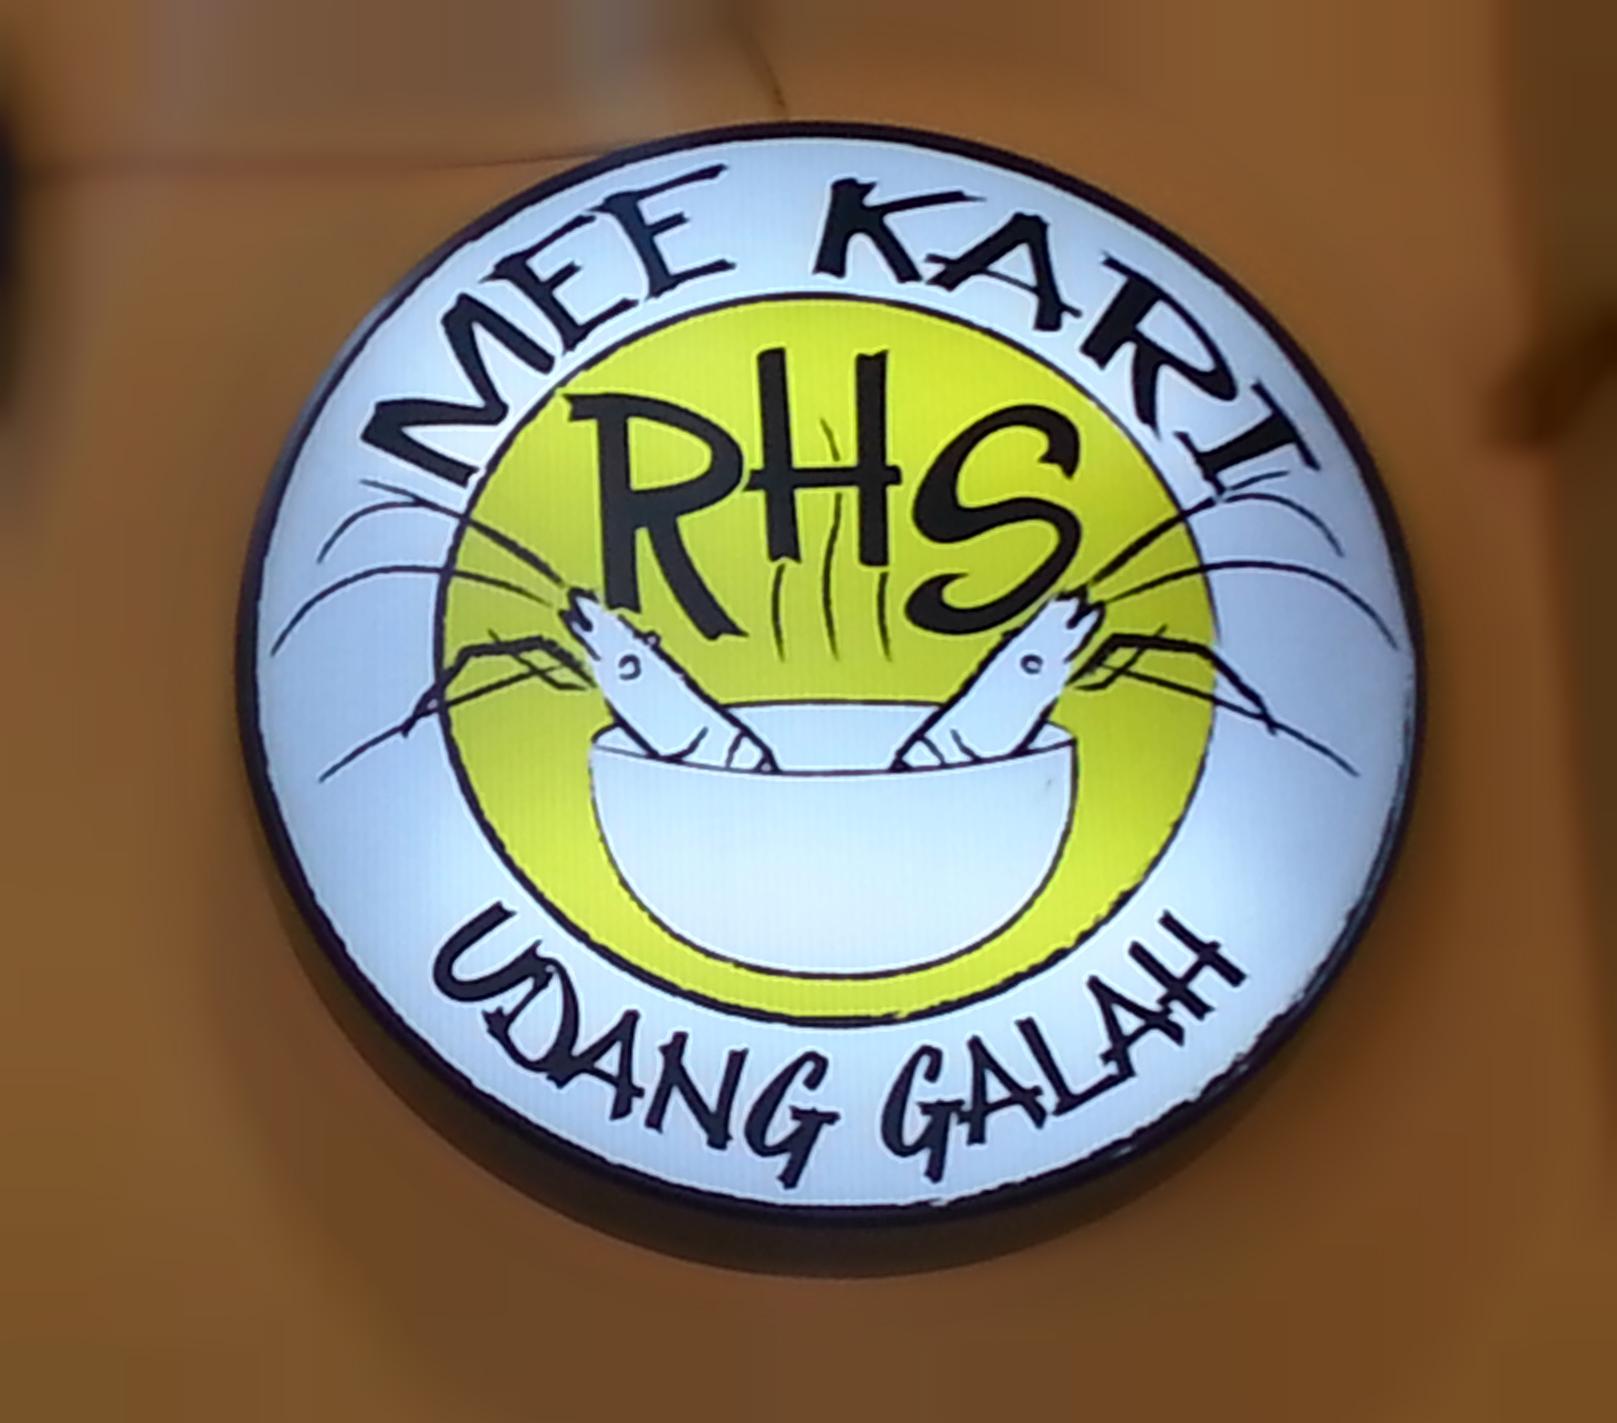 RHS Mee Kari Udang Galah